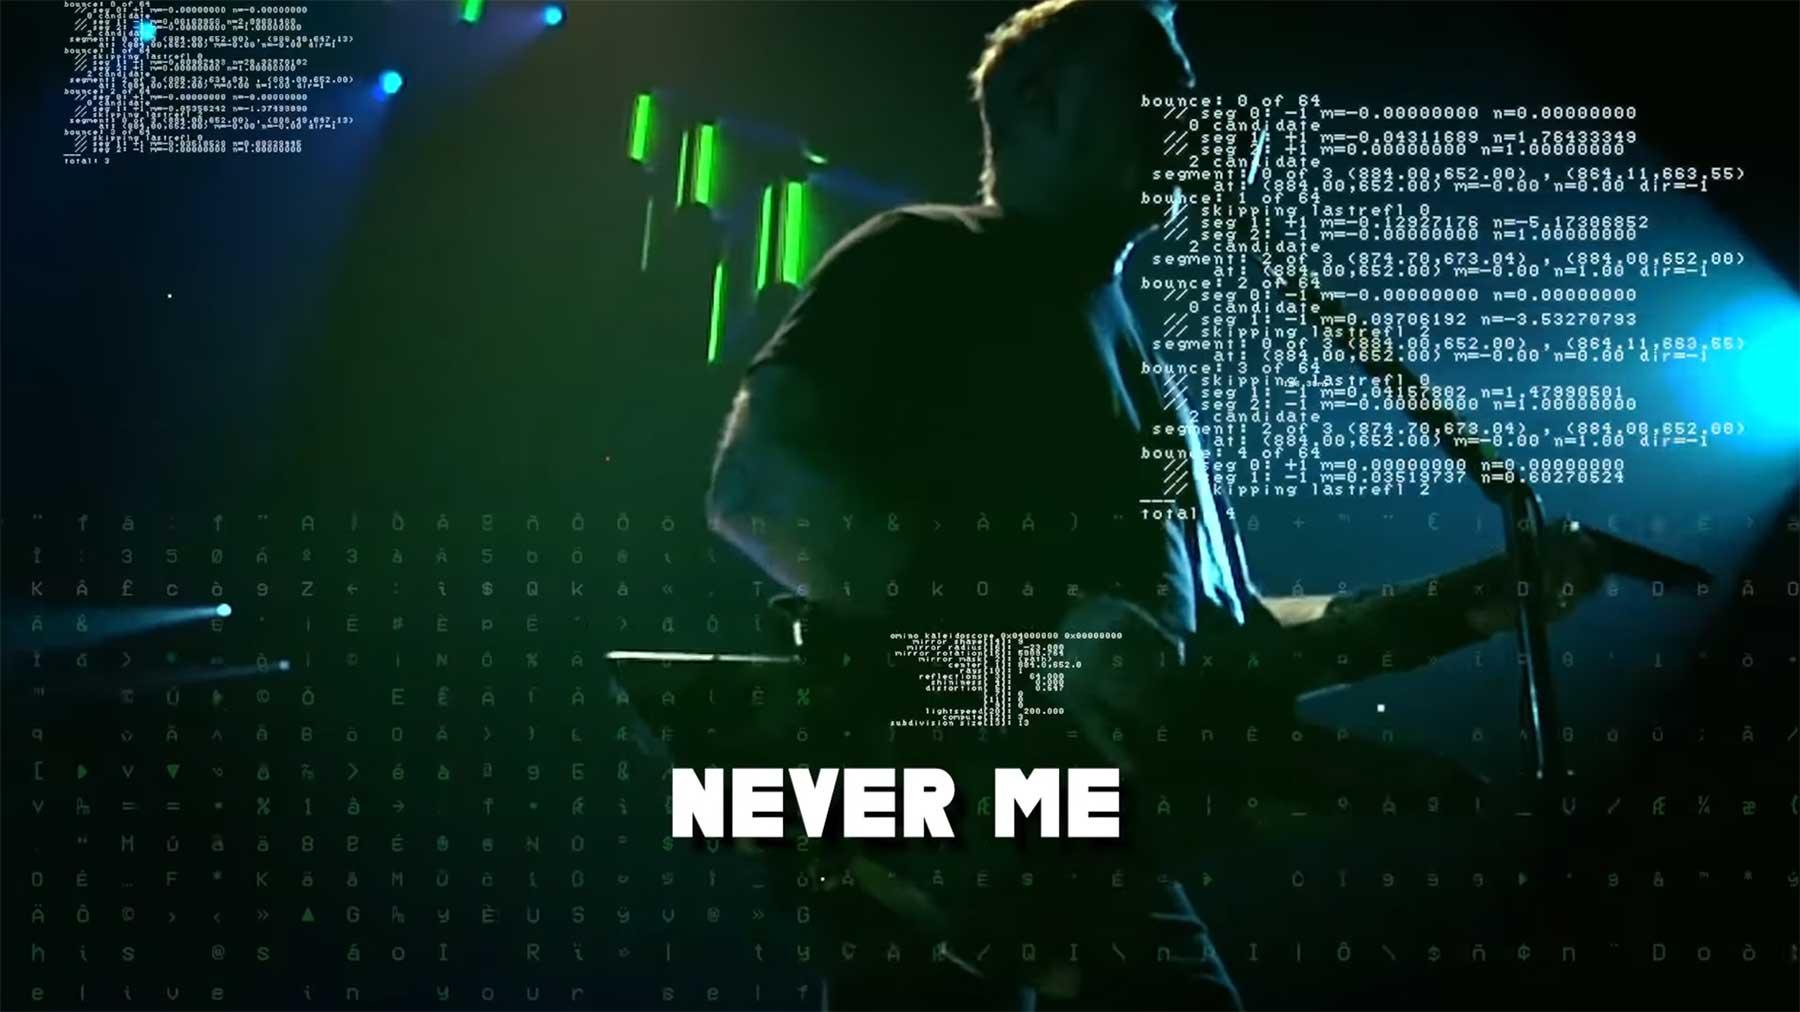 Künstliche Intelligenz schreibt Metallica-Songtext